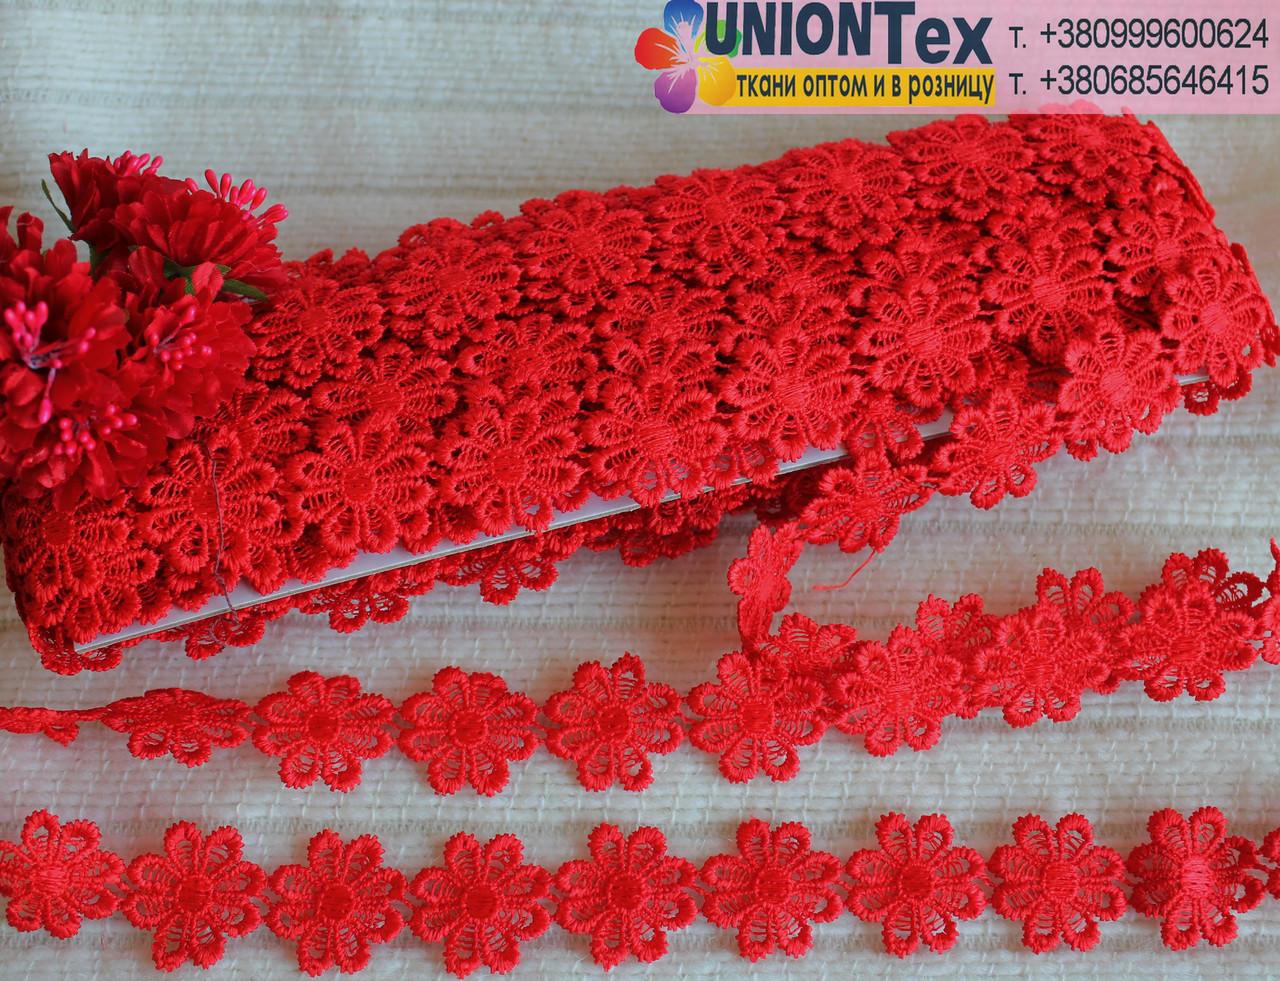 Кружево макраме ажур (2,5см) красный